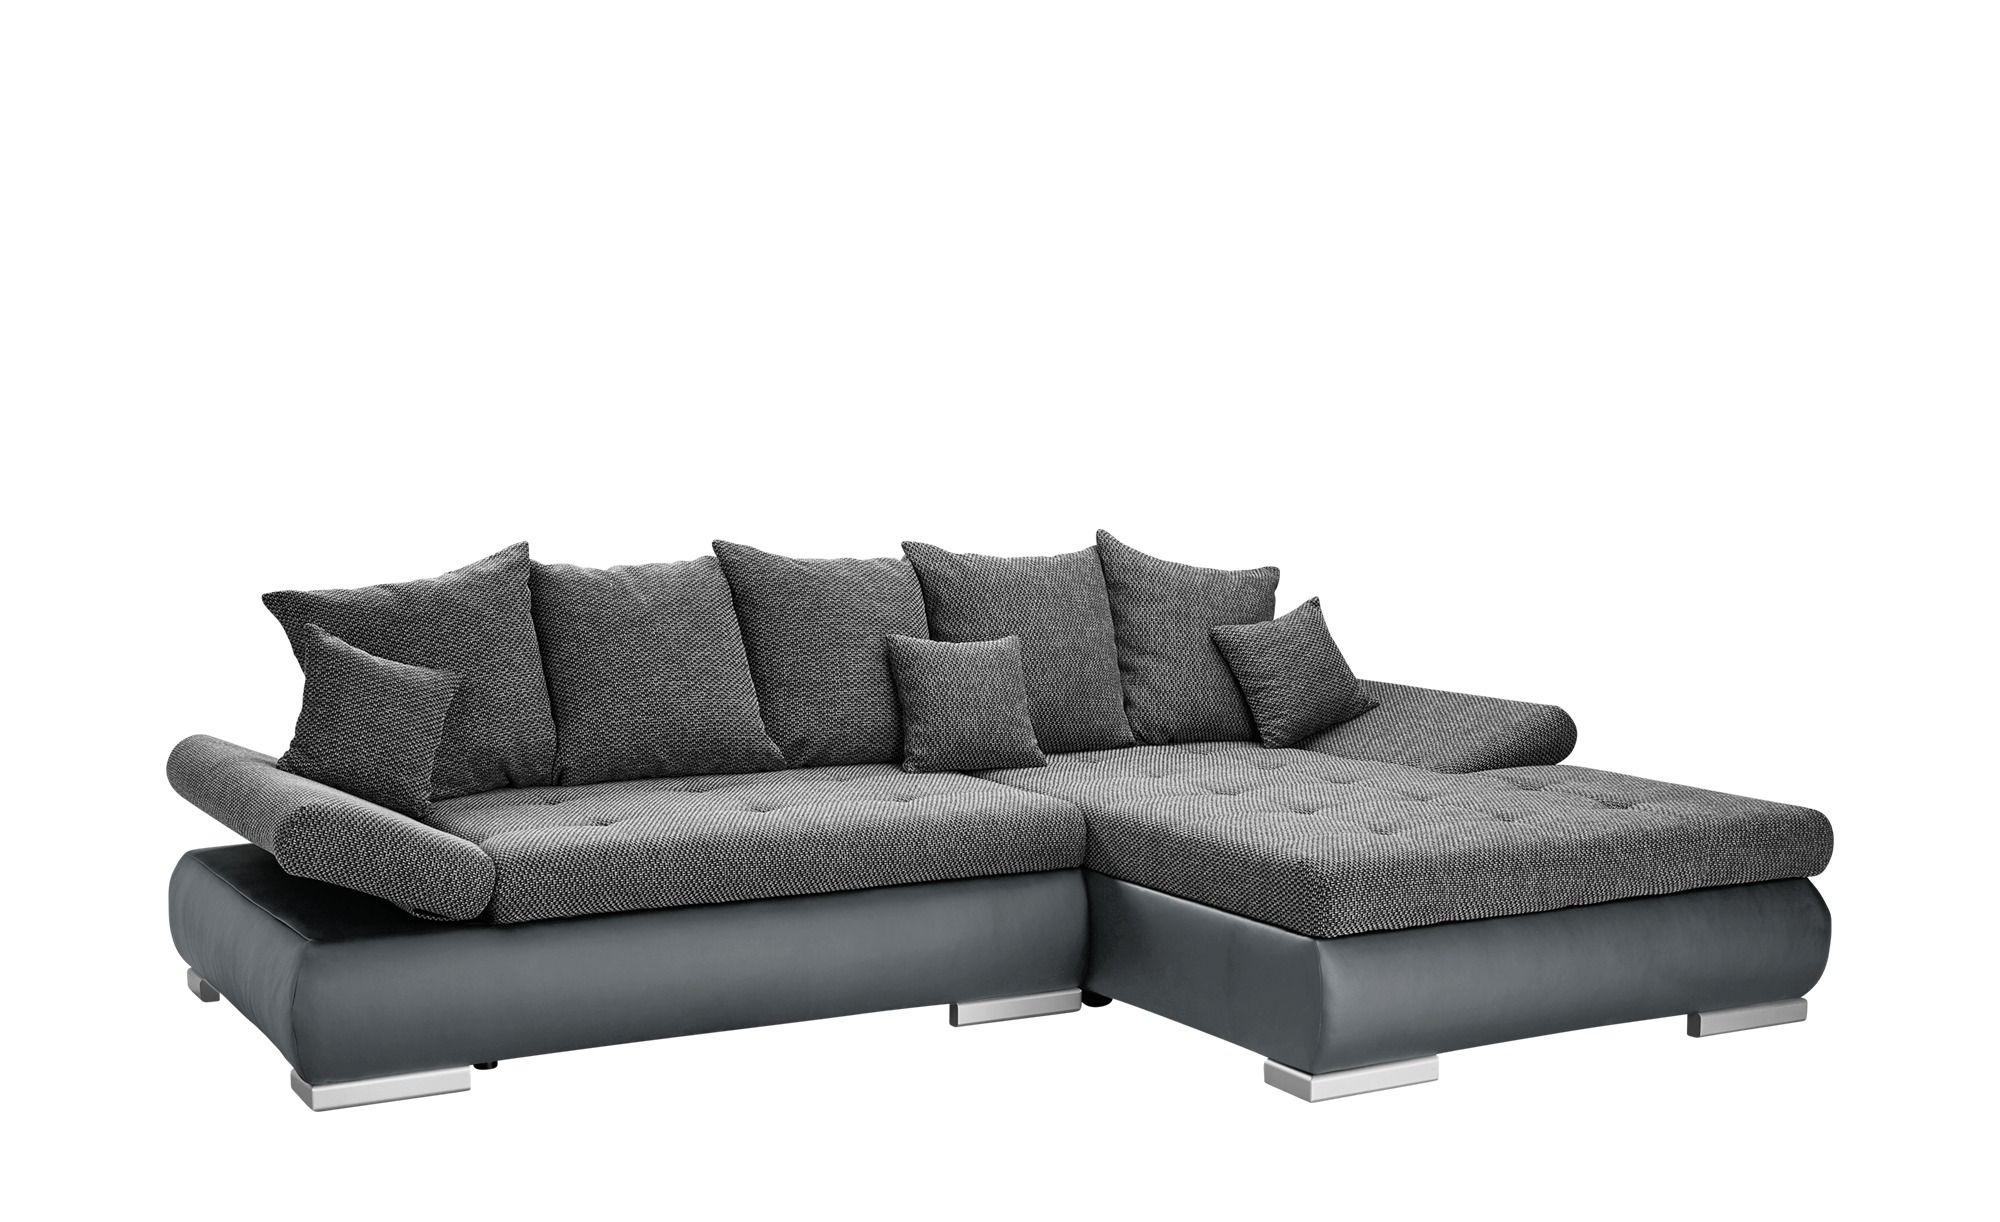 Switch Eckcouch Grau Schwarz Kunstleder Webstoff Ivan Eckcouch Eckcouch Mit Schlaffunktion Und Couch